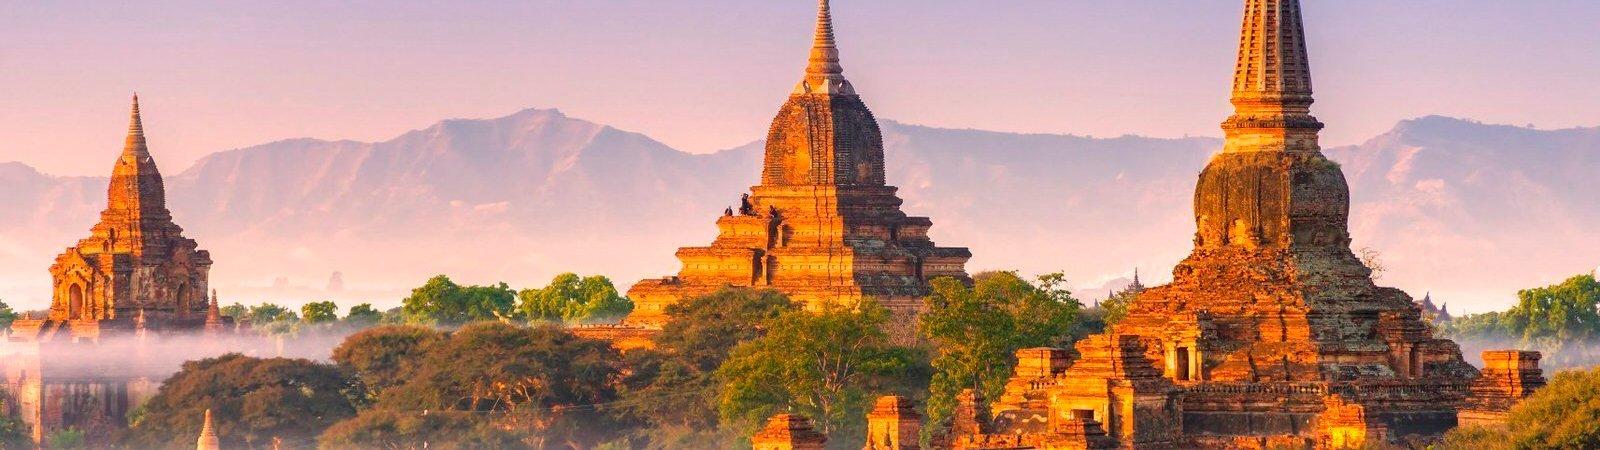 Where is Myanmar?